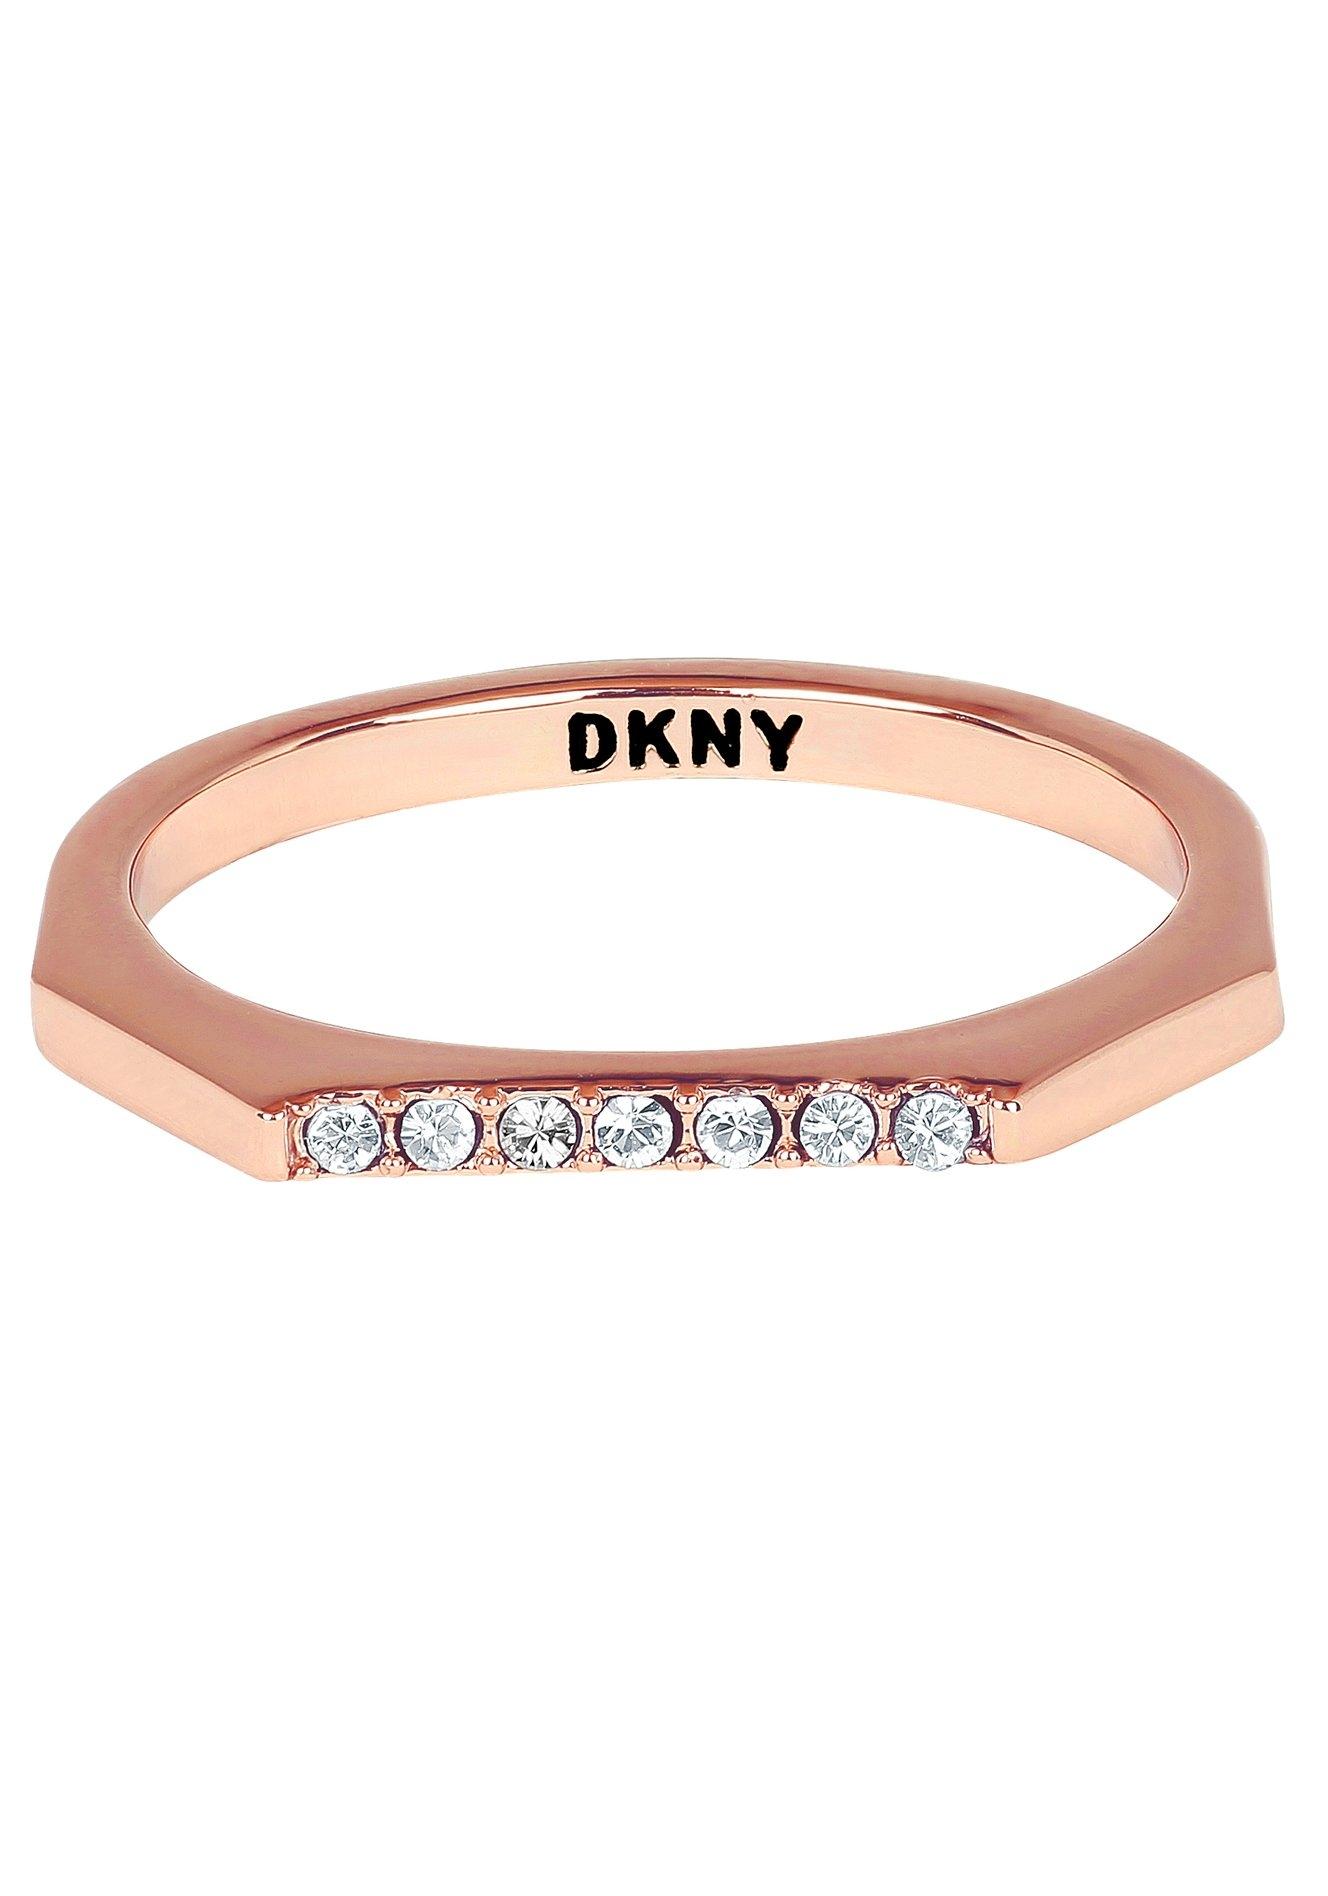 DKNY ring »NYC Skinny Pave RG (RG), 5548761, 5548762, 5548763« nu online bestellen